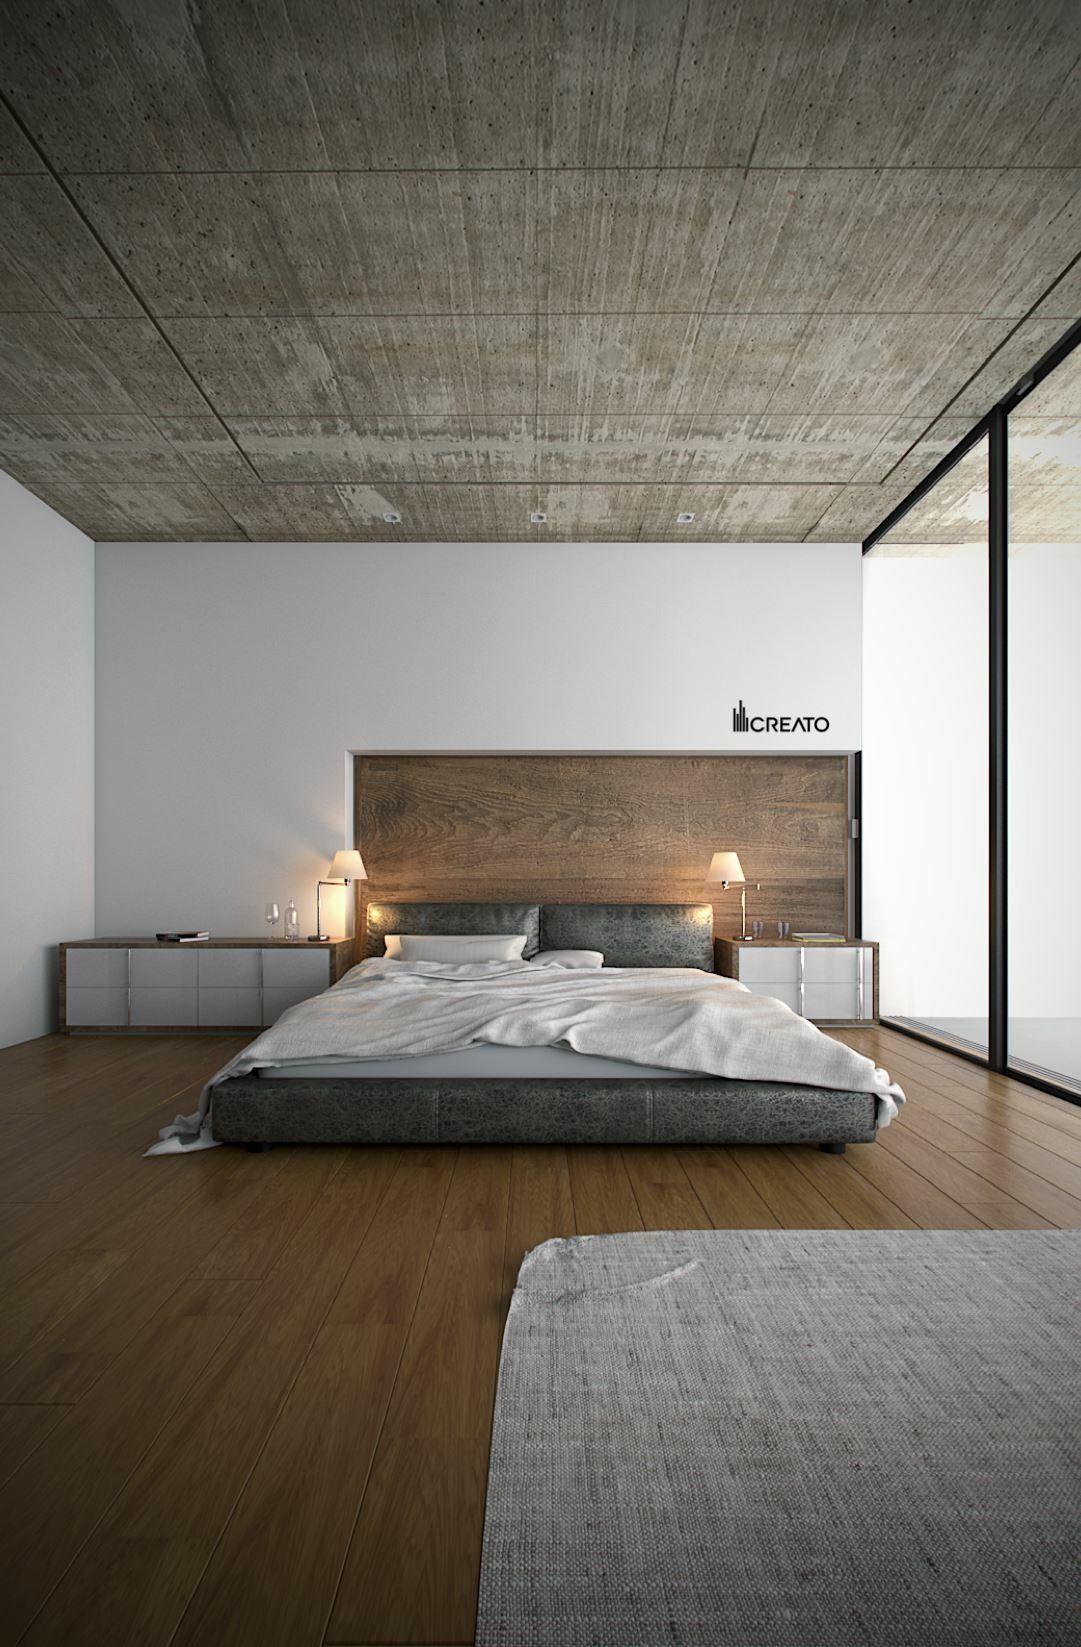 Haus, Schlafzimmer Innengestaltung, Schlafzimmer Einrichtung, Architektur  Innenarchitektur, Schlafzimmer Ideen, Gute Ideen, Moderne Wohnungen, ...